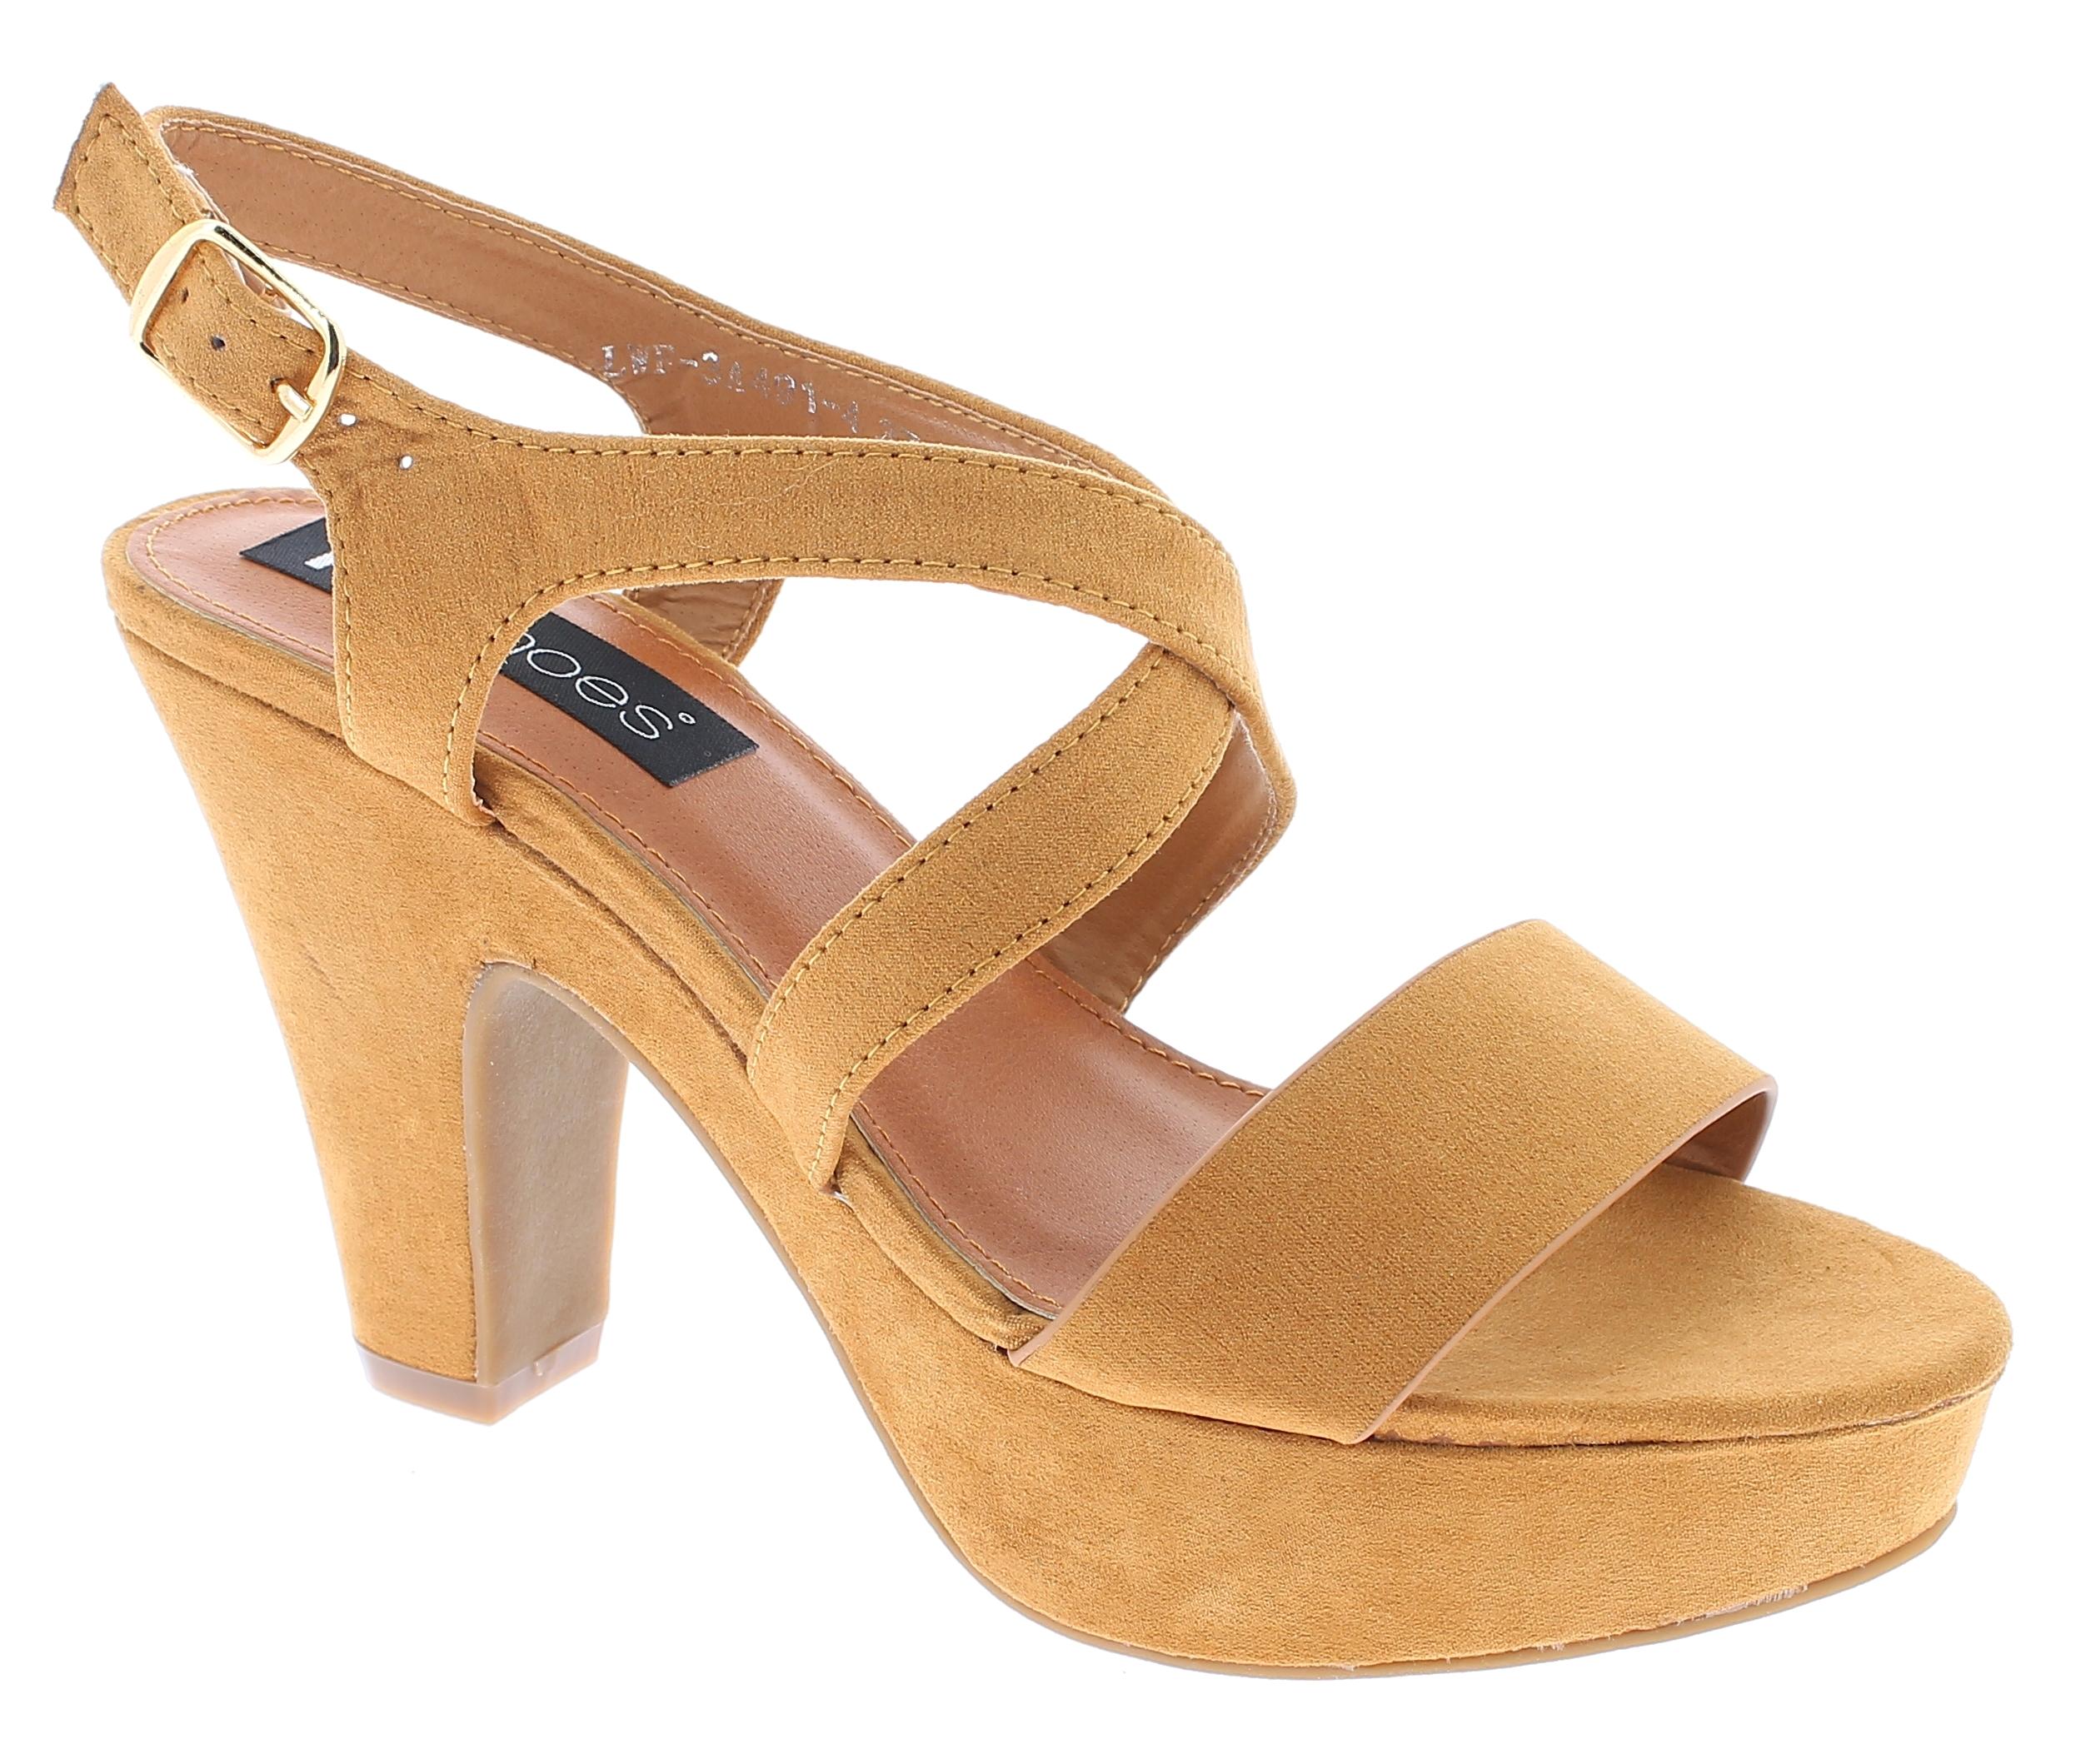 IQSHOES Γυναικείο Πέδιλο 3A491 Κάμελ - IqShoes - 3Α491 CAMEL-camel-38/1/25/11 παπούτσια  πέδιλα